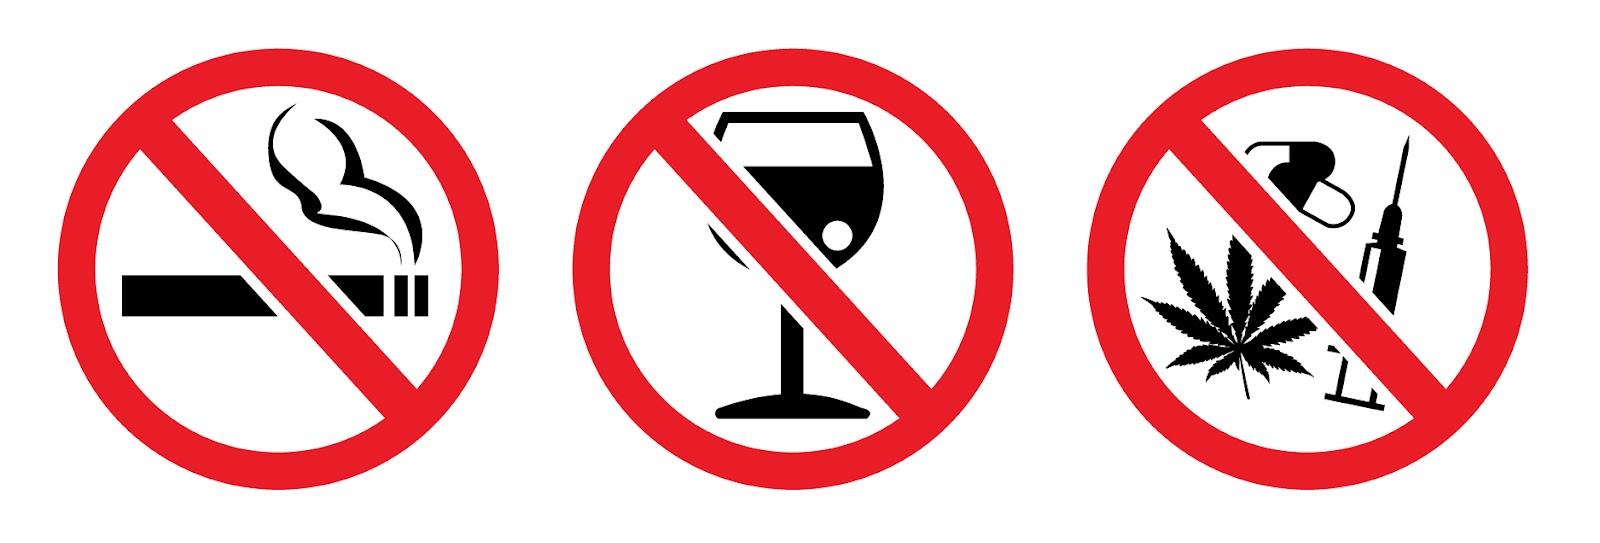 Лечения наркомании алкоголизма лечение после наркомании частная скорая помощь 1